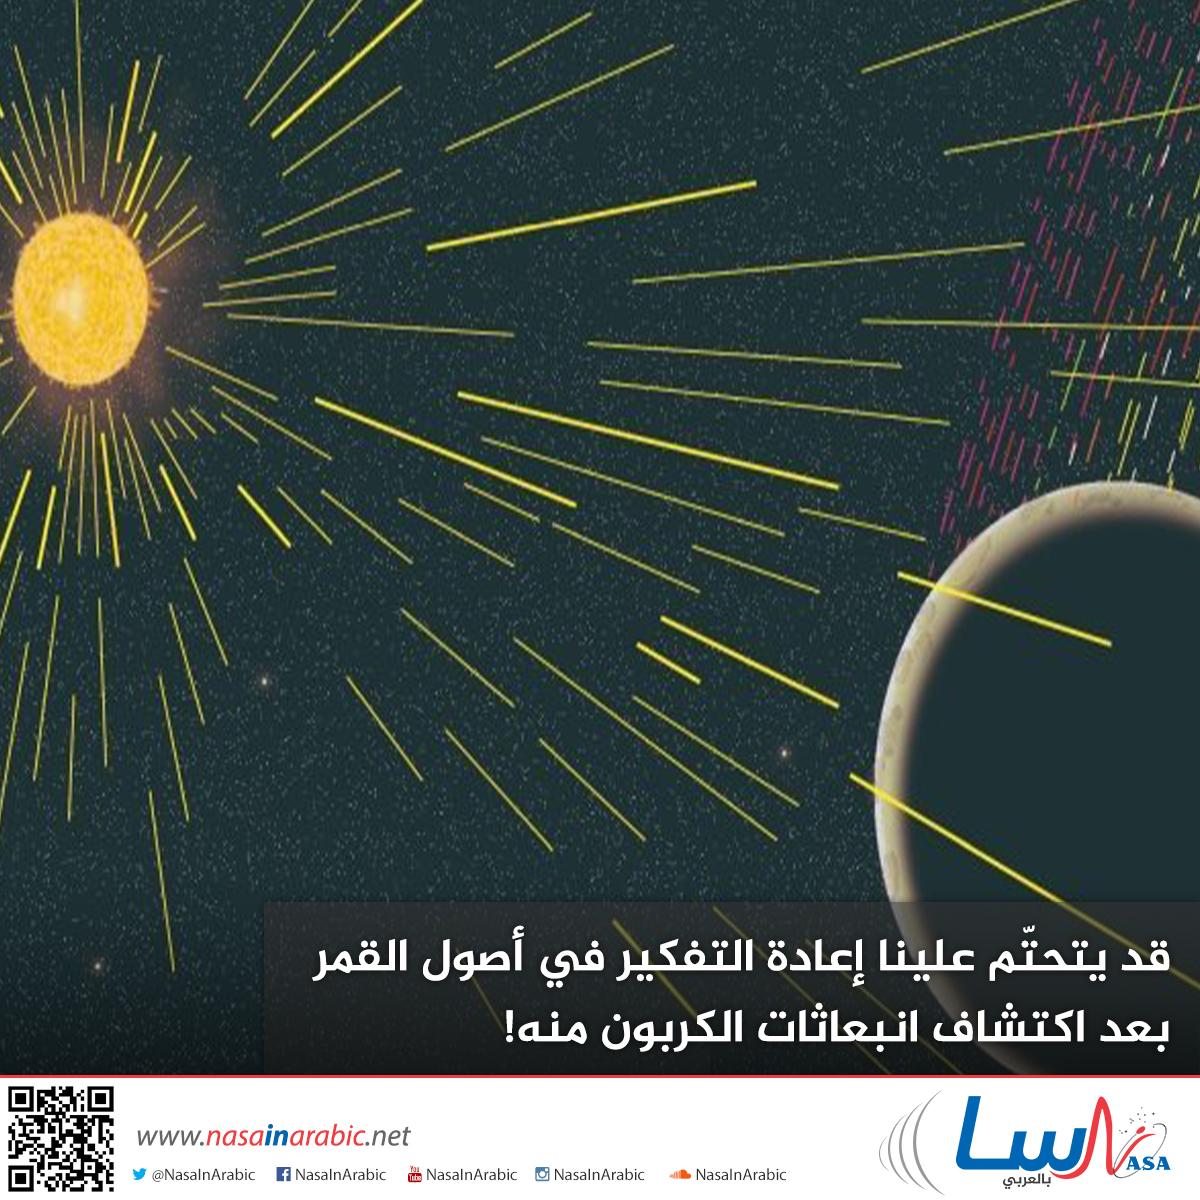 قد يتحتّم علينا إعادة التفكير في أصول القمر بعد اكتشاف انبعاثات الكربون منه!